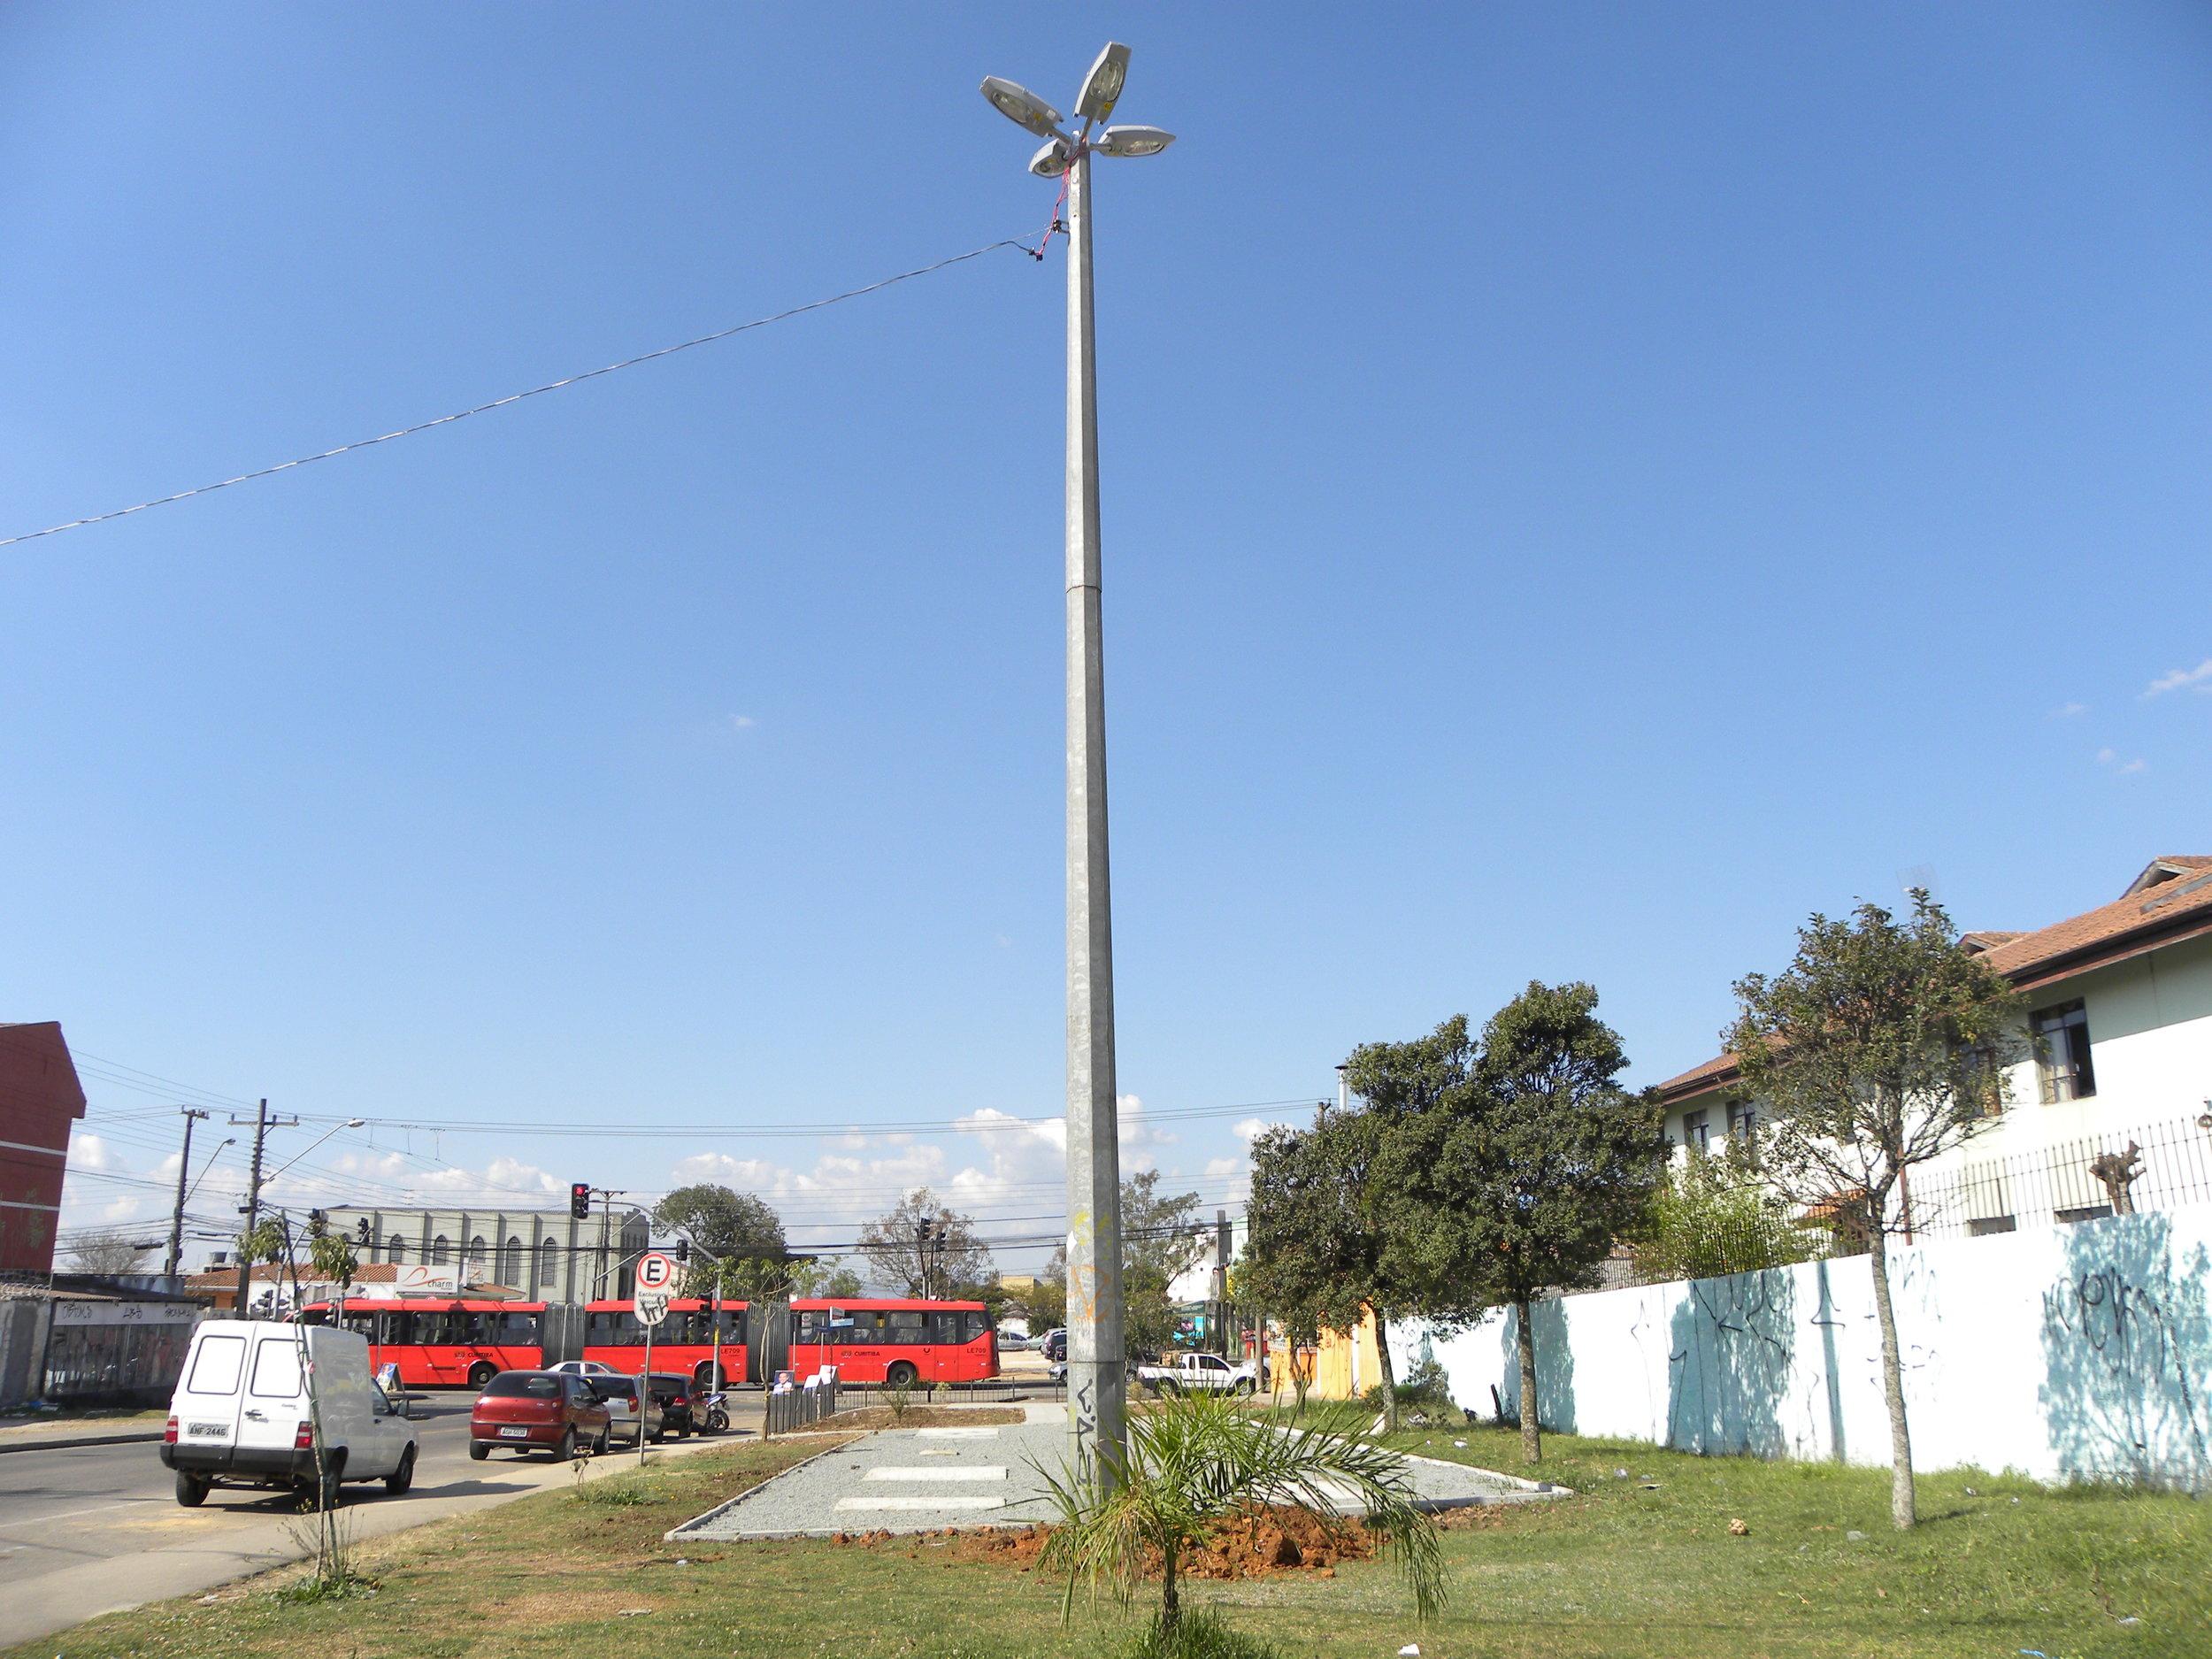 Super poste na Av. Florianópolis e mais 8 praças